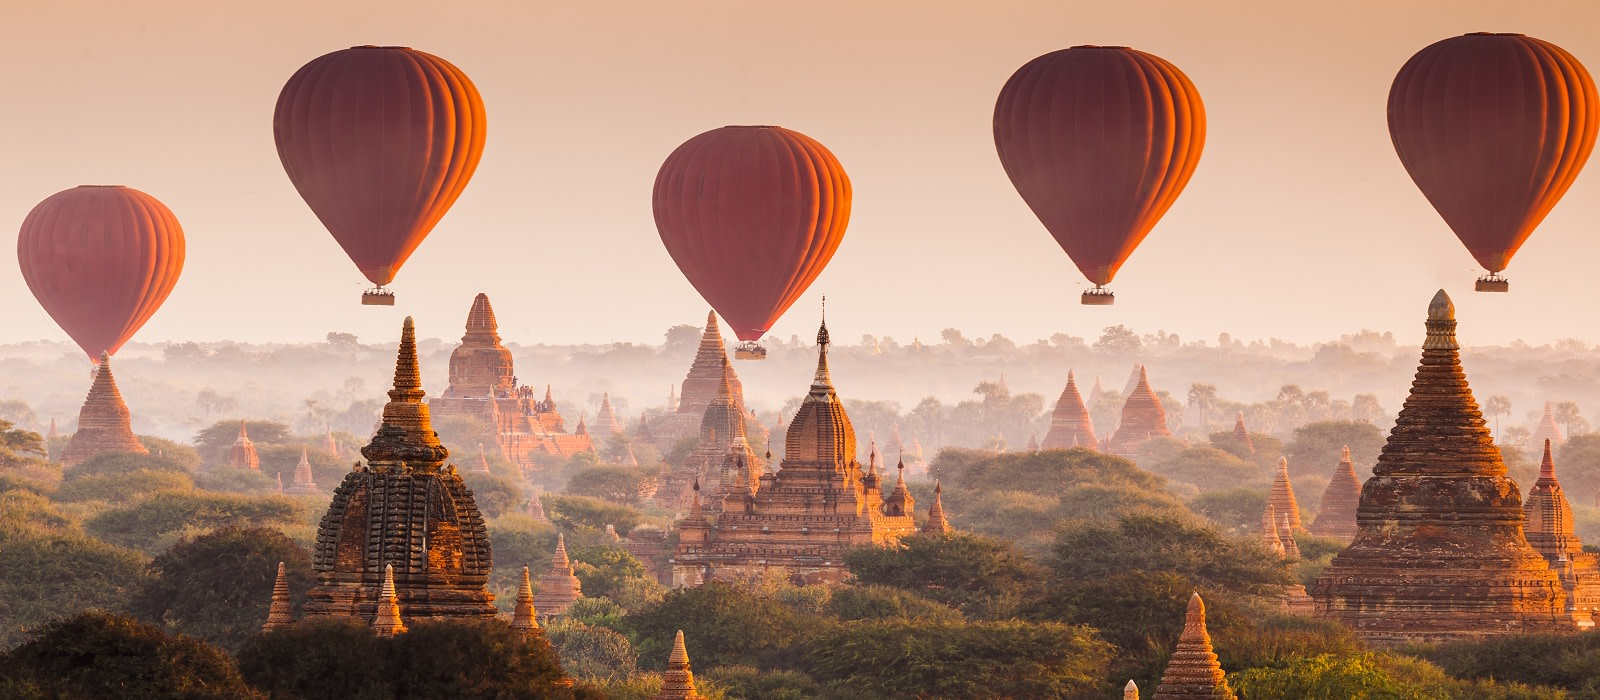 Mehrere rote Heißluftballons schweben über Bagan in Myanmar